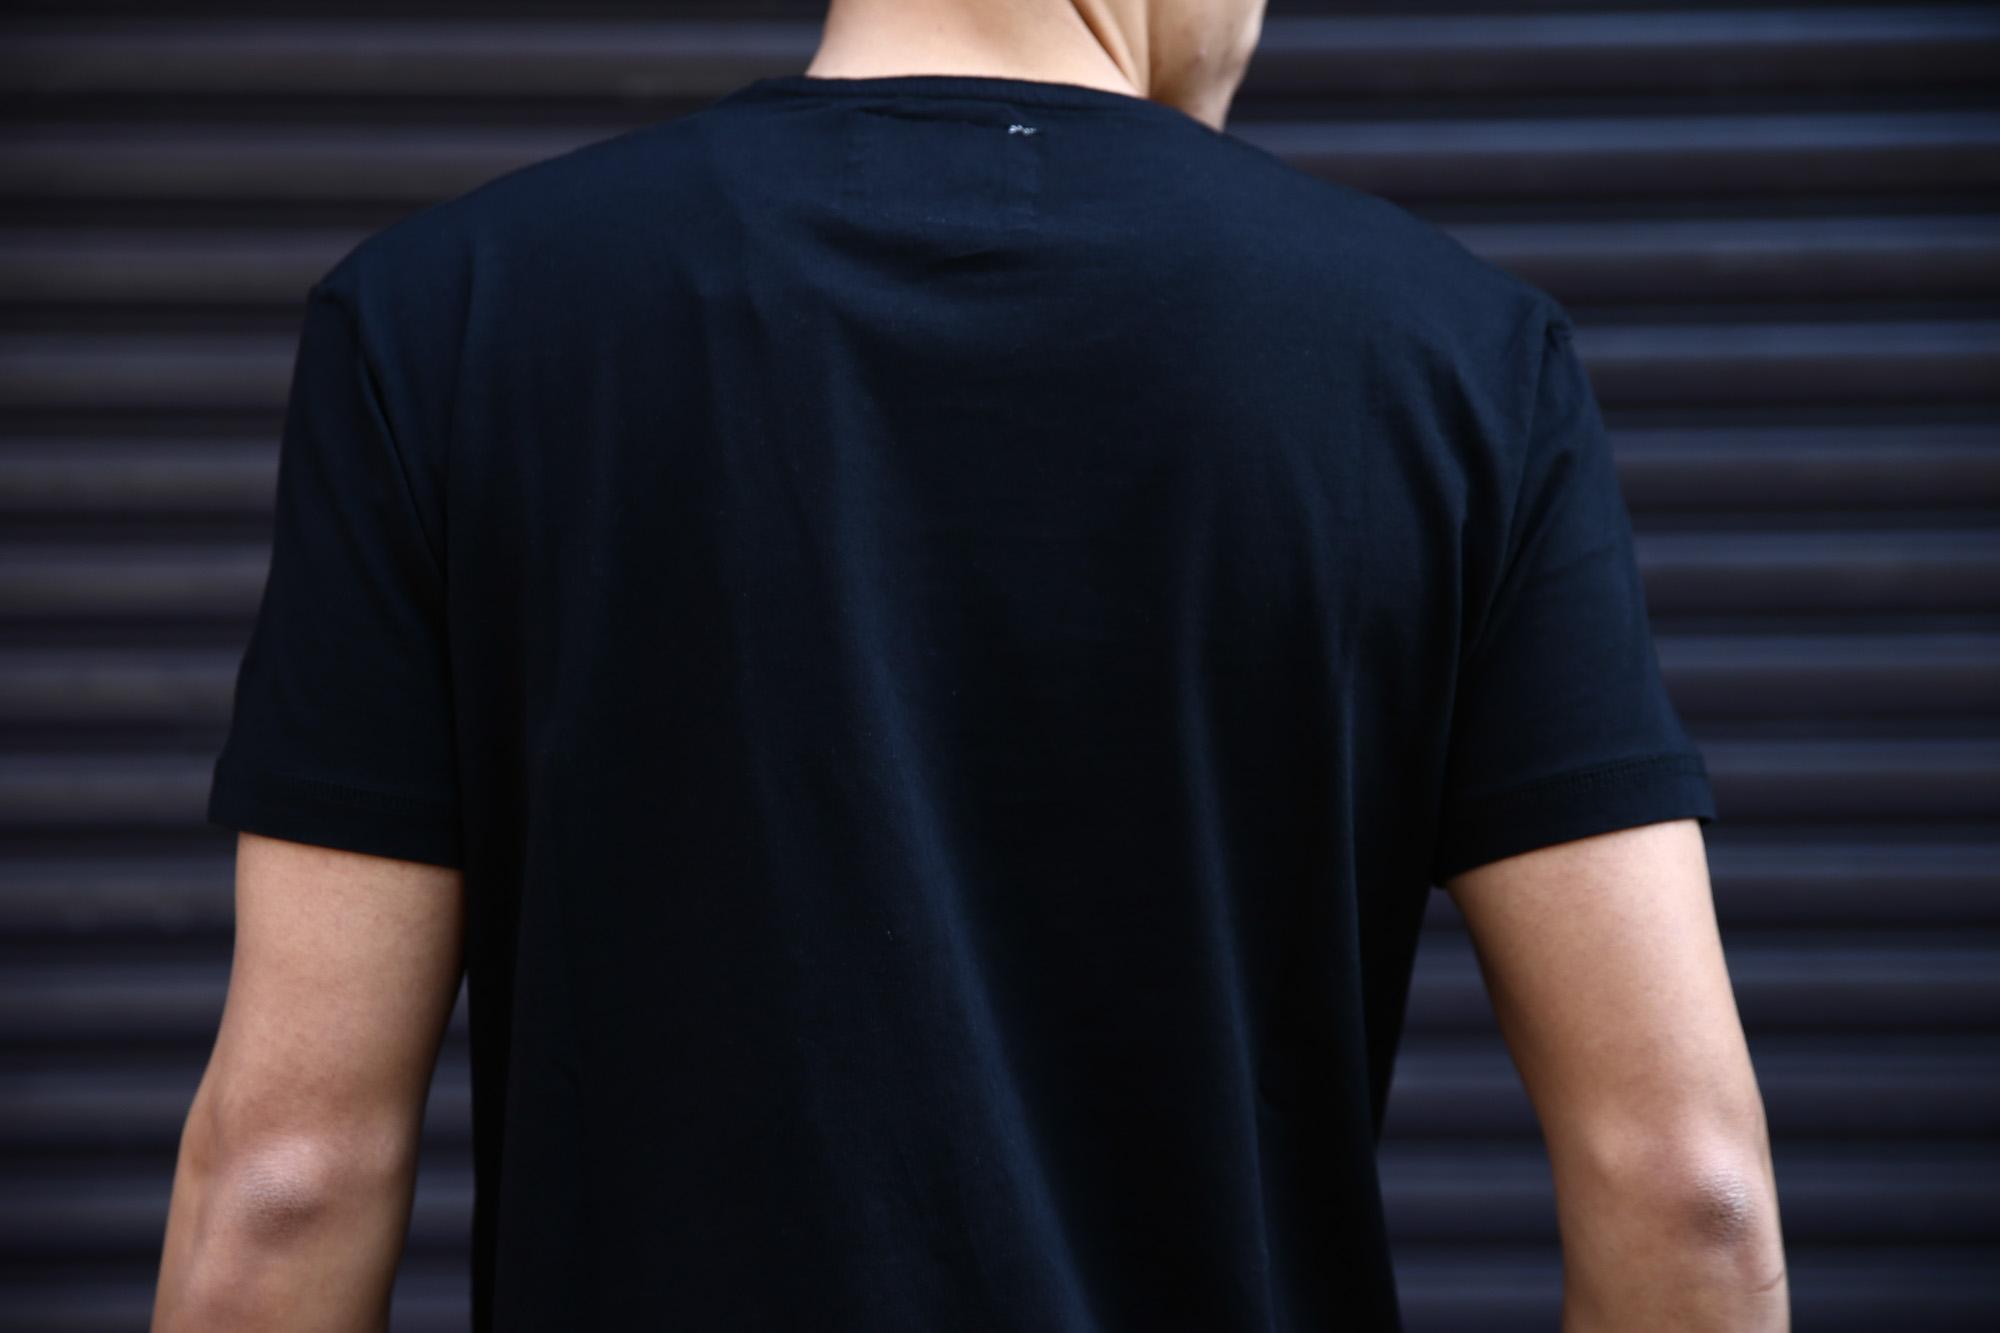 Worn By (ウォーンバイ) GABBA GABBA HEY RAMONES ガバガバヘイ ラモーンズ プリントTシャツ ロックTシャツ バンドTシャツ BLACK (ブラック)  2016 秋冬新作 XS,S,M コーディネート画像。 愛知 名古屋 ZODIAC ゾディアック バンドT ロックT プリントT ウォーンバイ ライセンスTシャツ VAN バン 名古屋